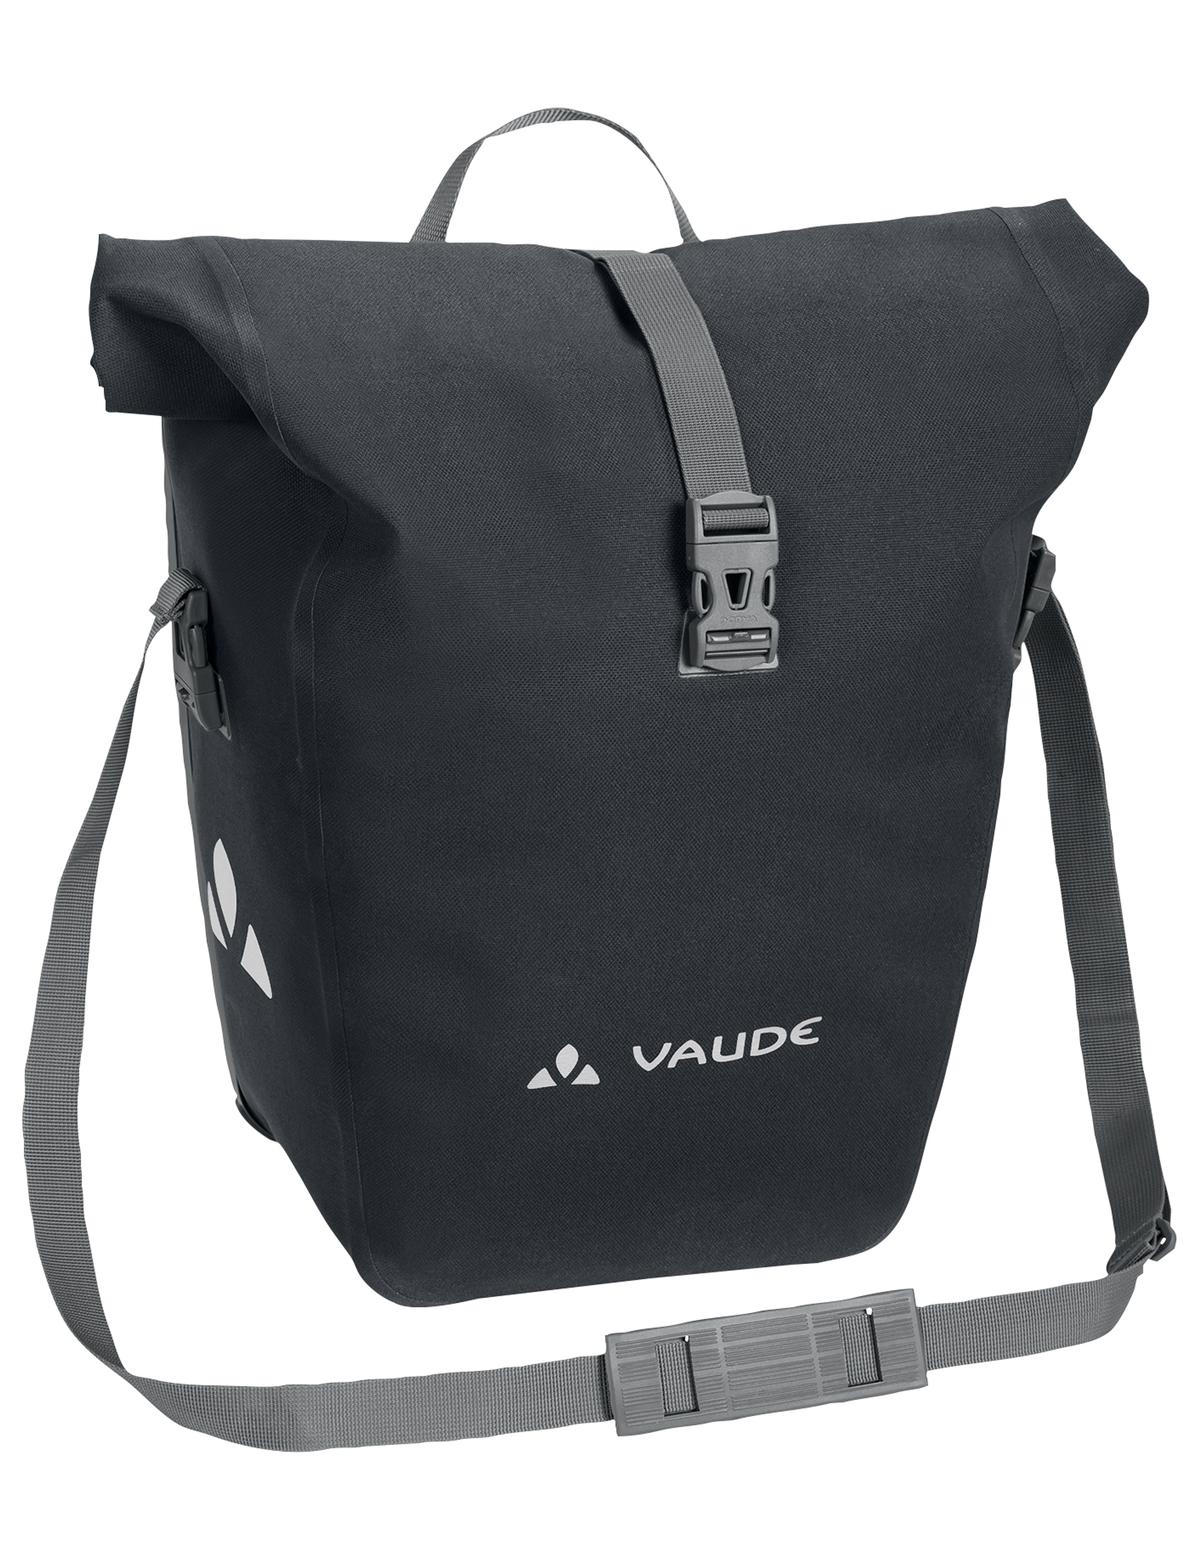 0cc6e1074c11 Vaude Aqua Back Deluxe Single kerékpáros csomagtartó táska 2018